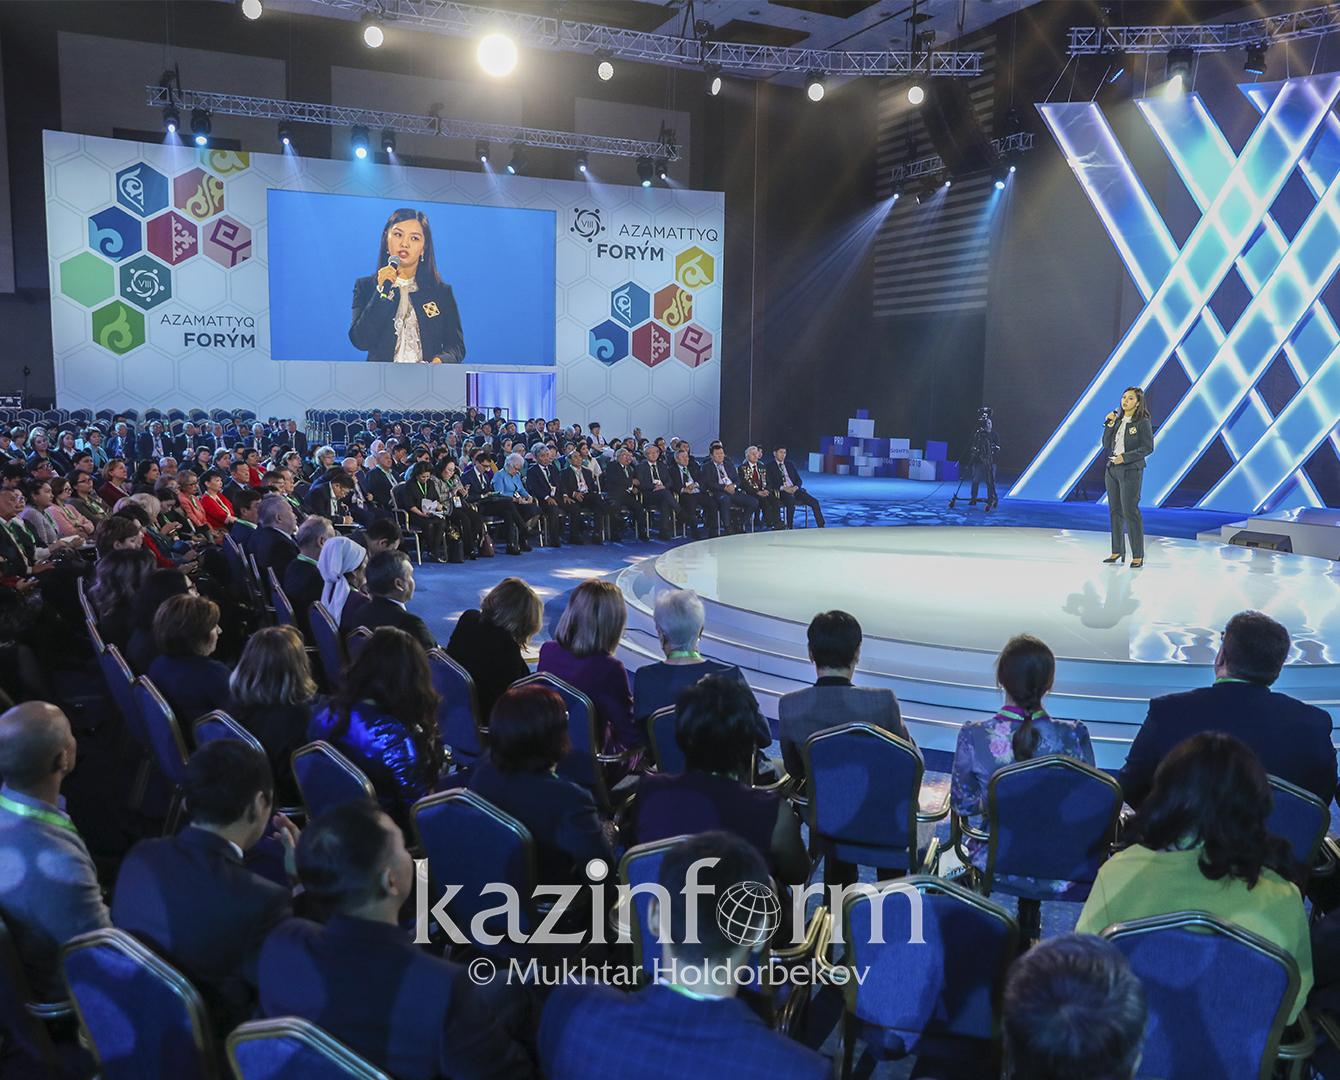 Астанада VІІІ Азаматтық форум өтіп жатыр